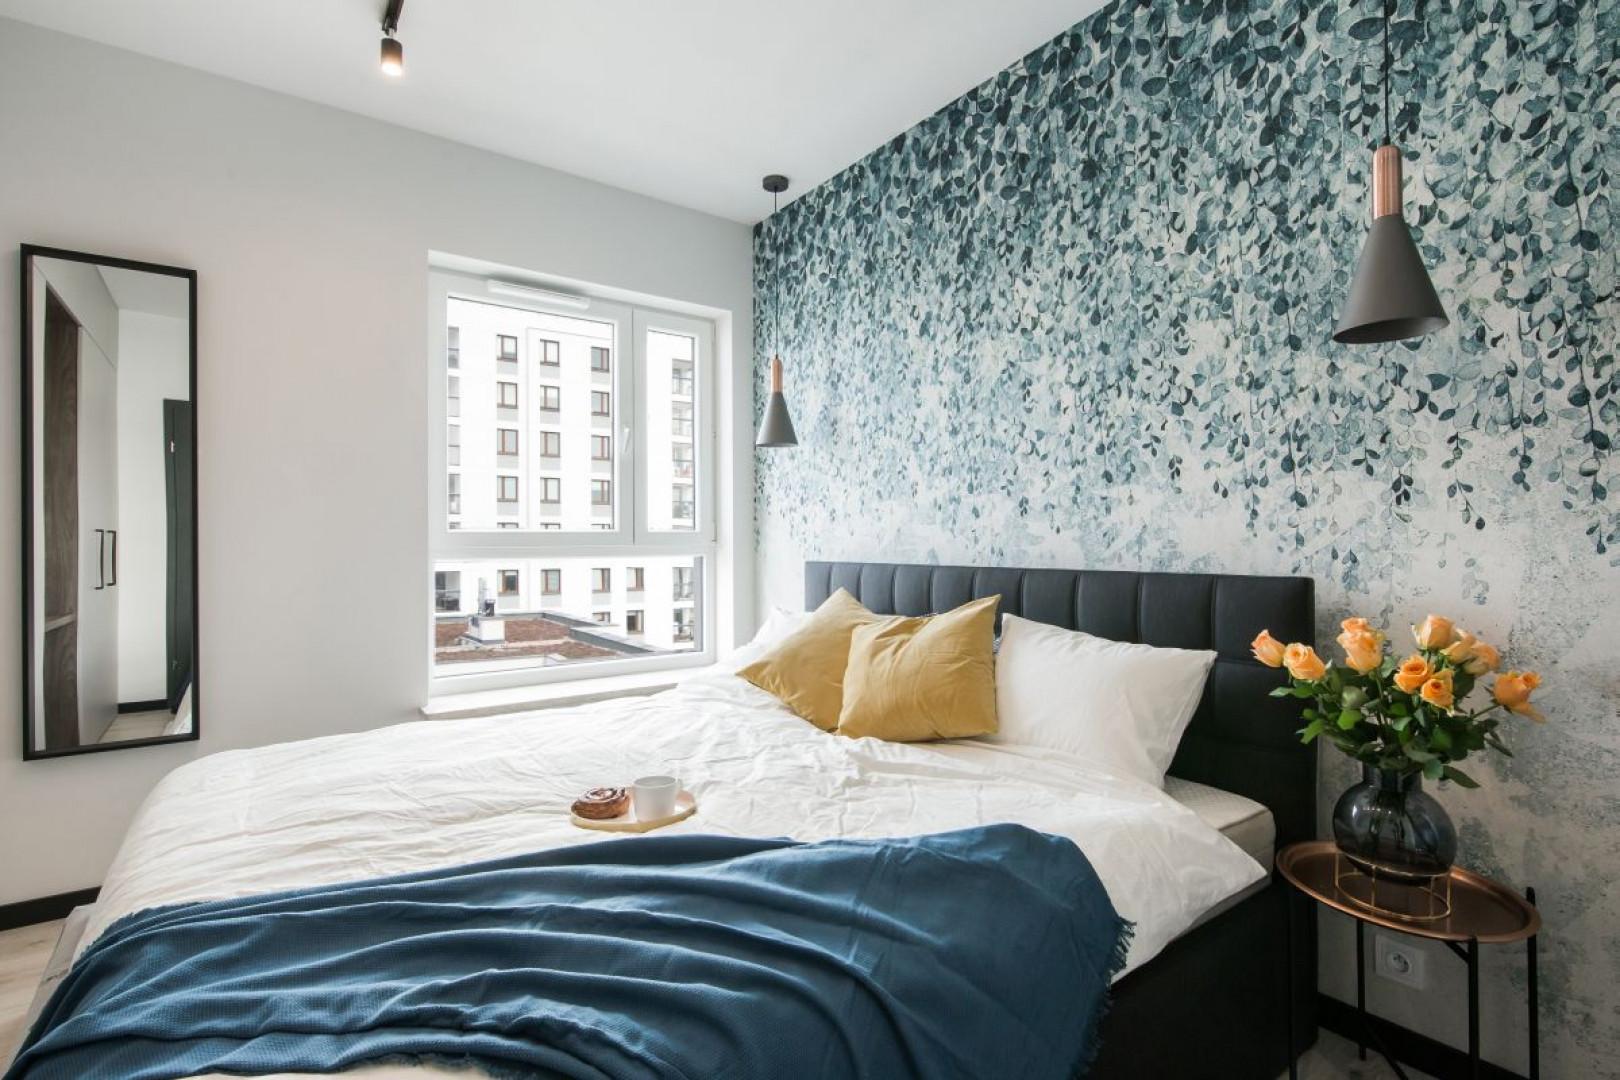 Motywem przewodnim tej aranżacji są pnącza w postaci przyciągającej wzrok tapety zdobiącej ścianę za łóżkiem. Fot. Kodo